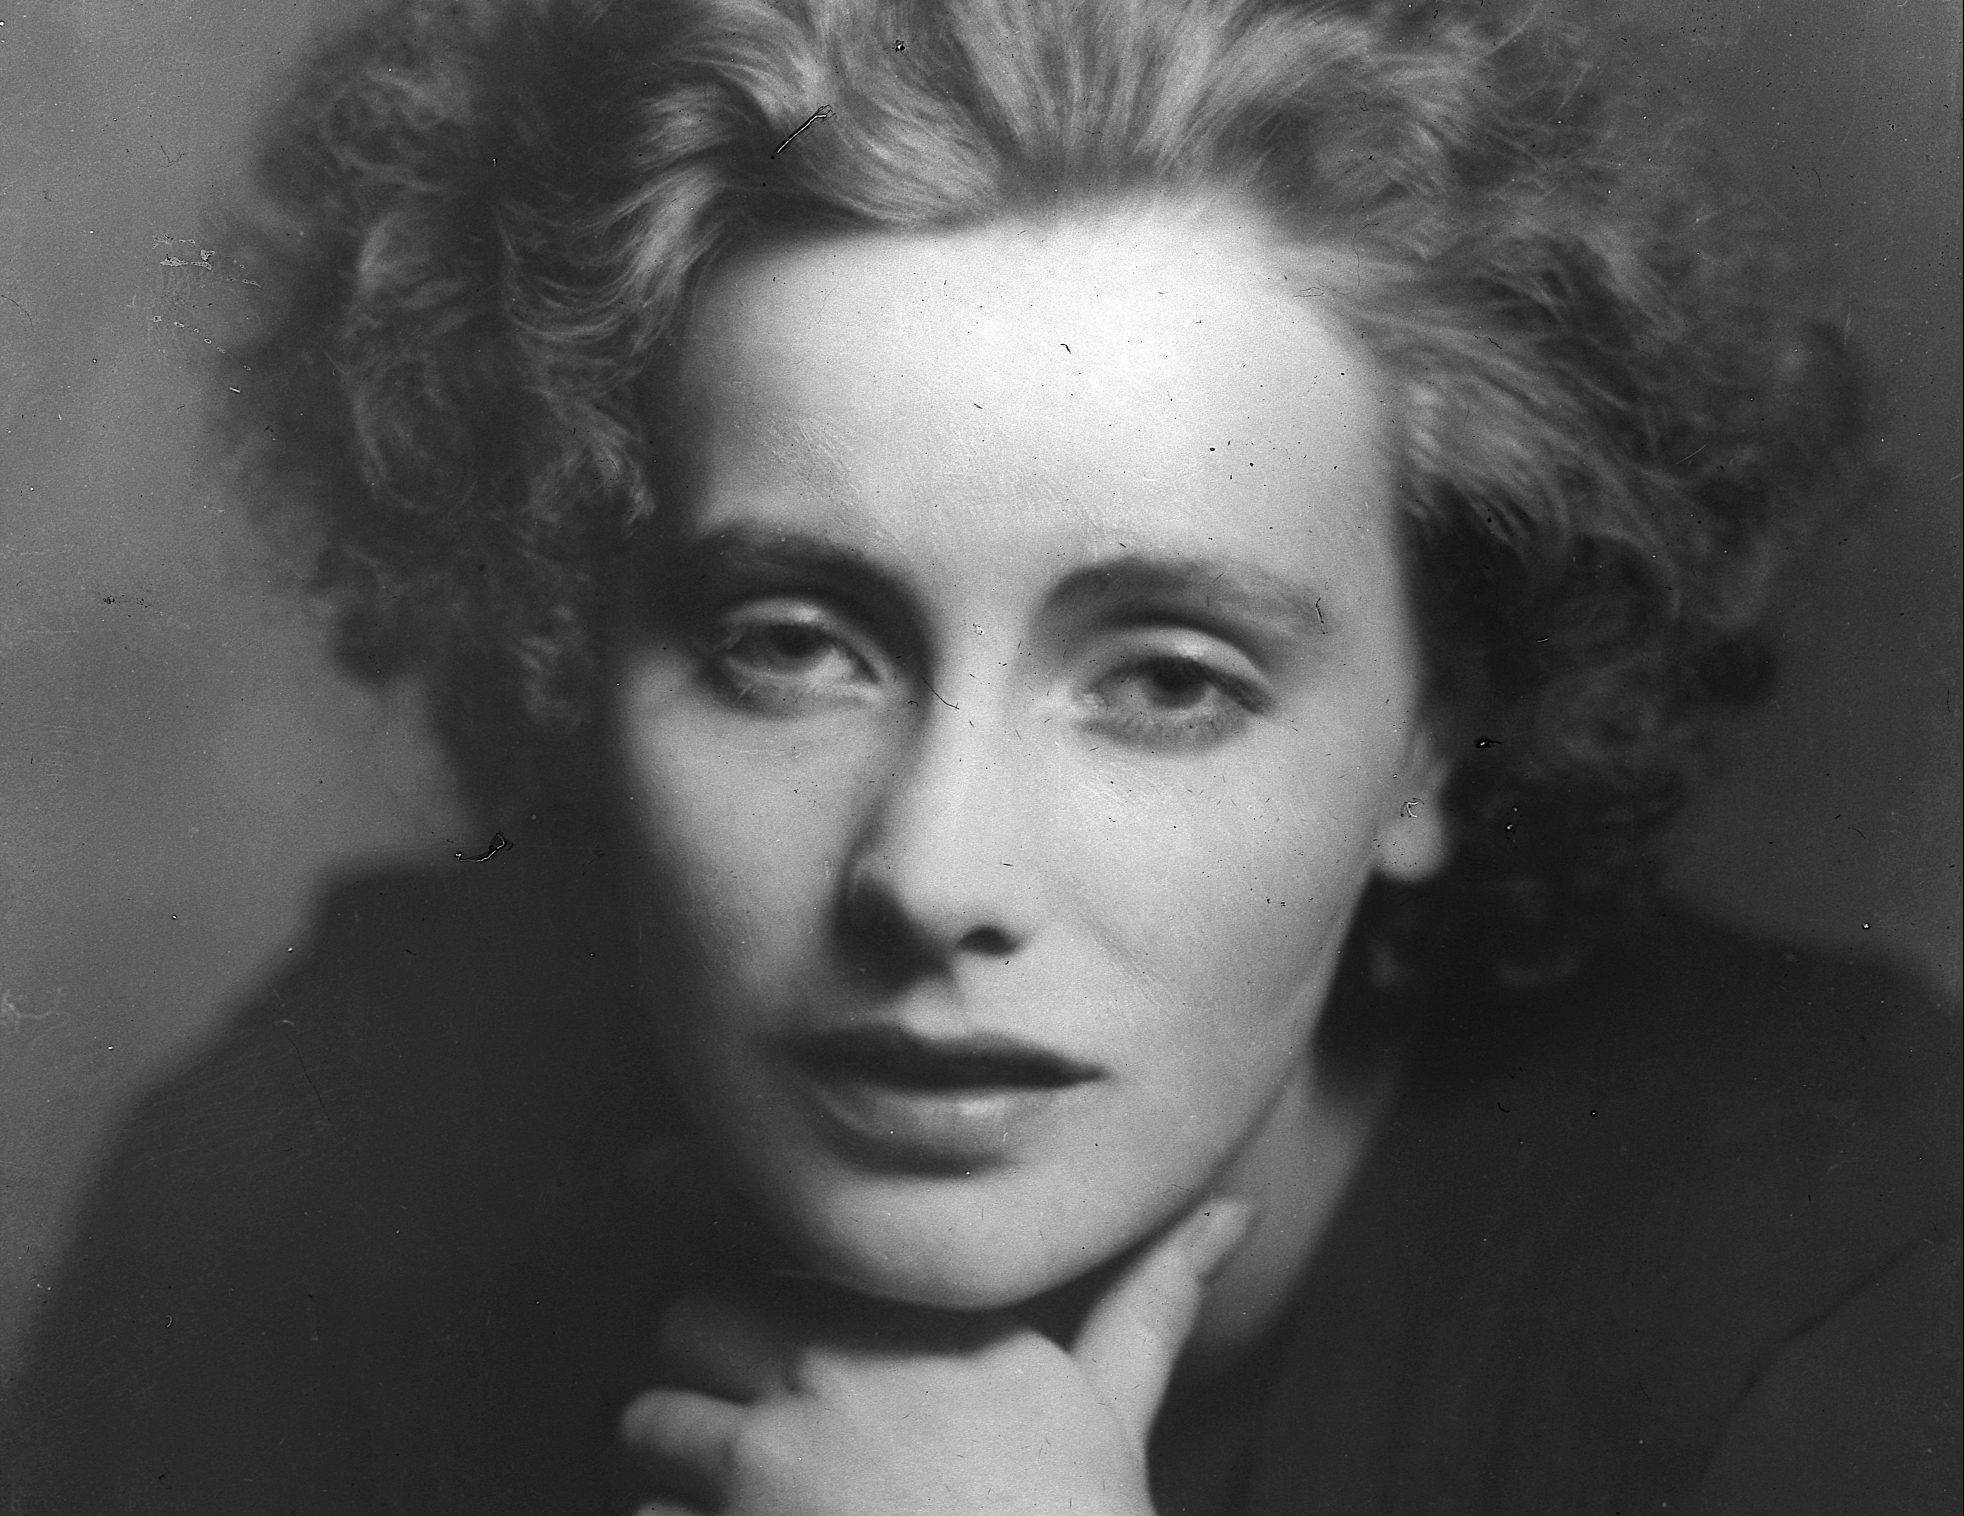 Greta Garbo: Rejtélyesnek tartották, pedig csak magányos volt…